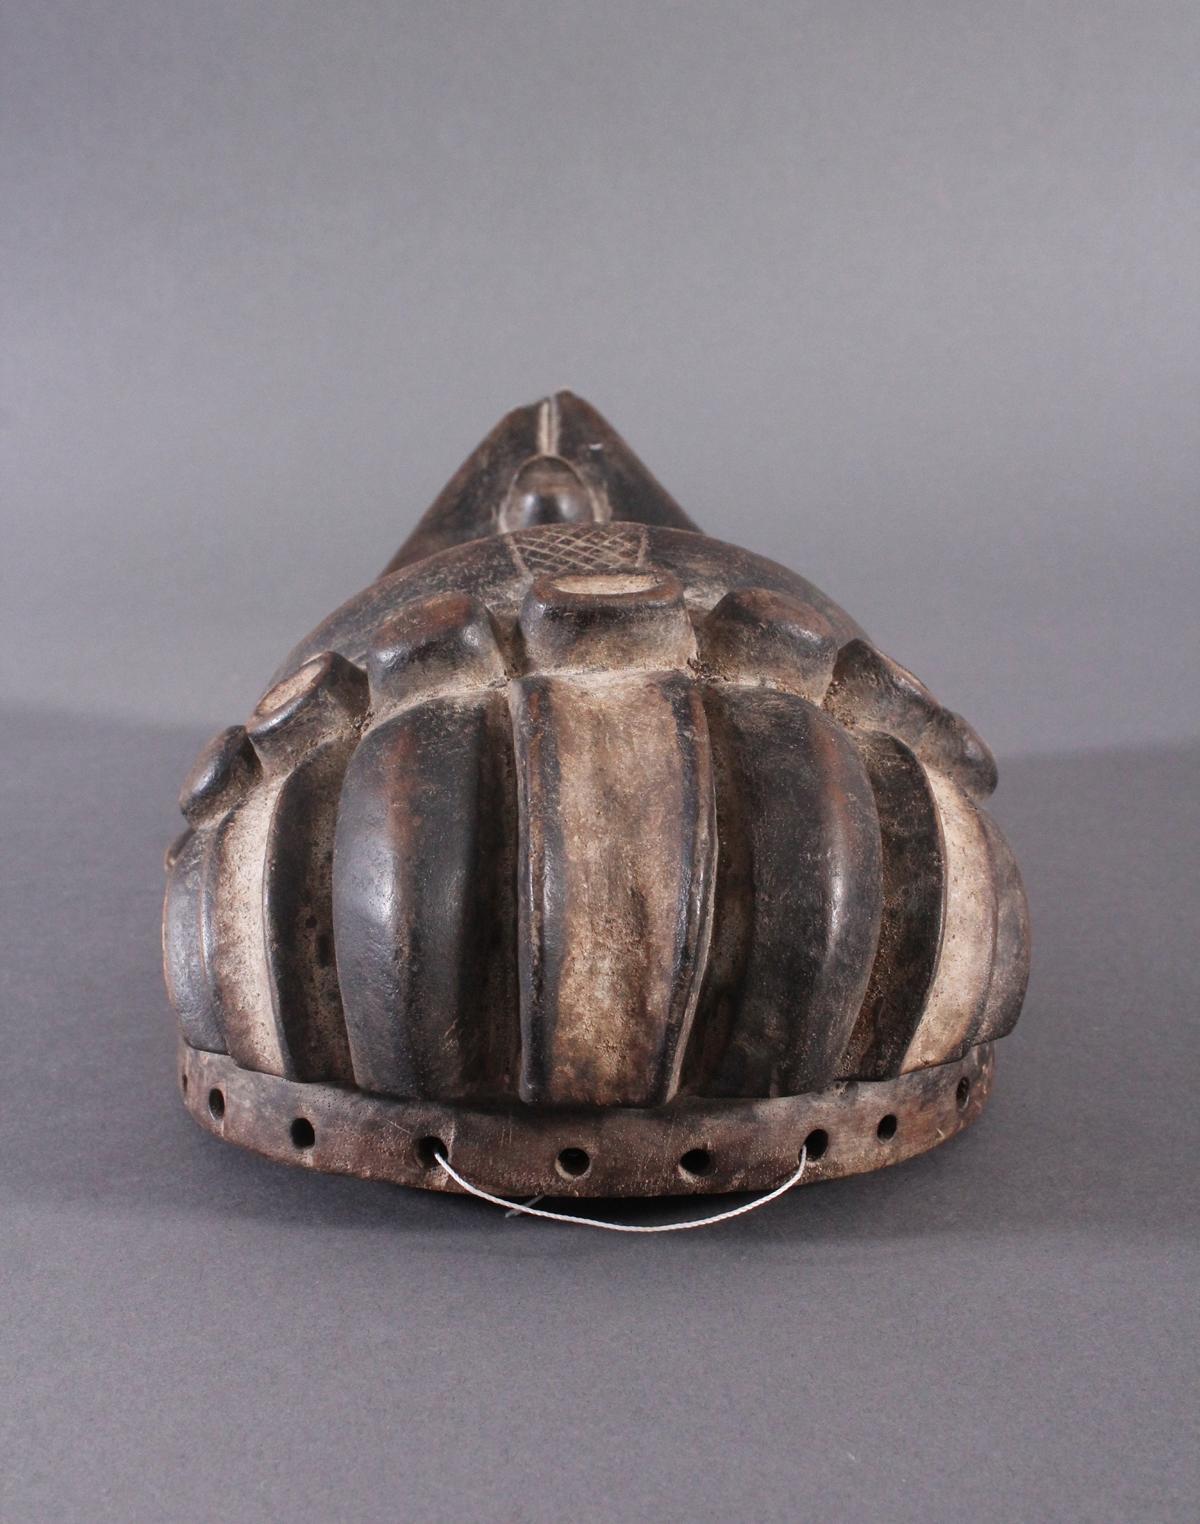 Antike Maske, Bassa, Liberia 20. Jh.Holz geschnitzt, dunkle Patina,ovales Gesichtsfeld mit spitz - Bild 5 aus 6